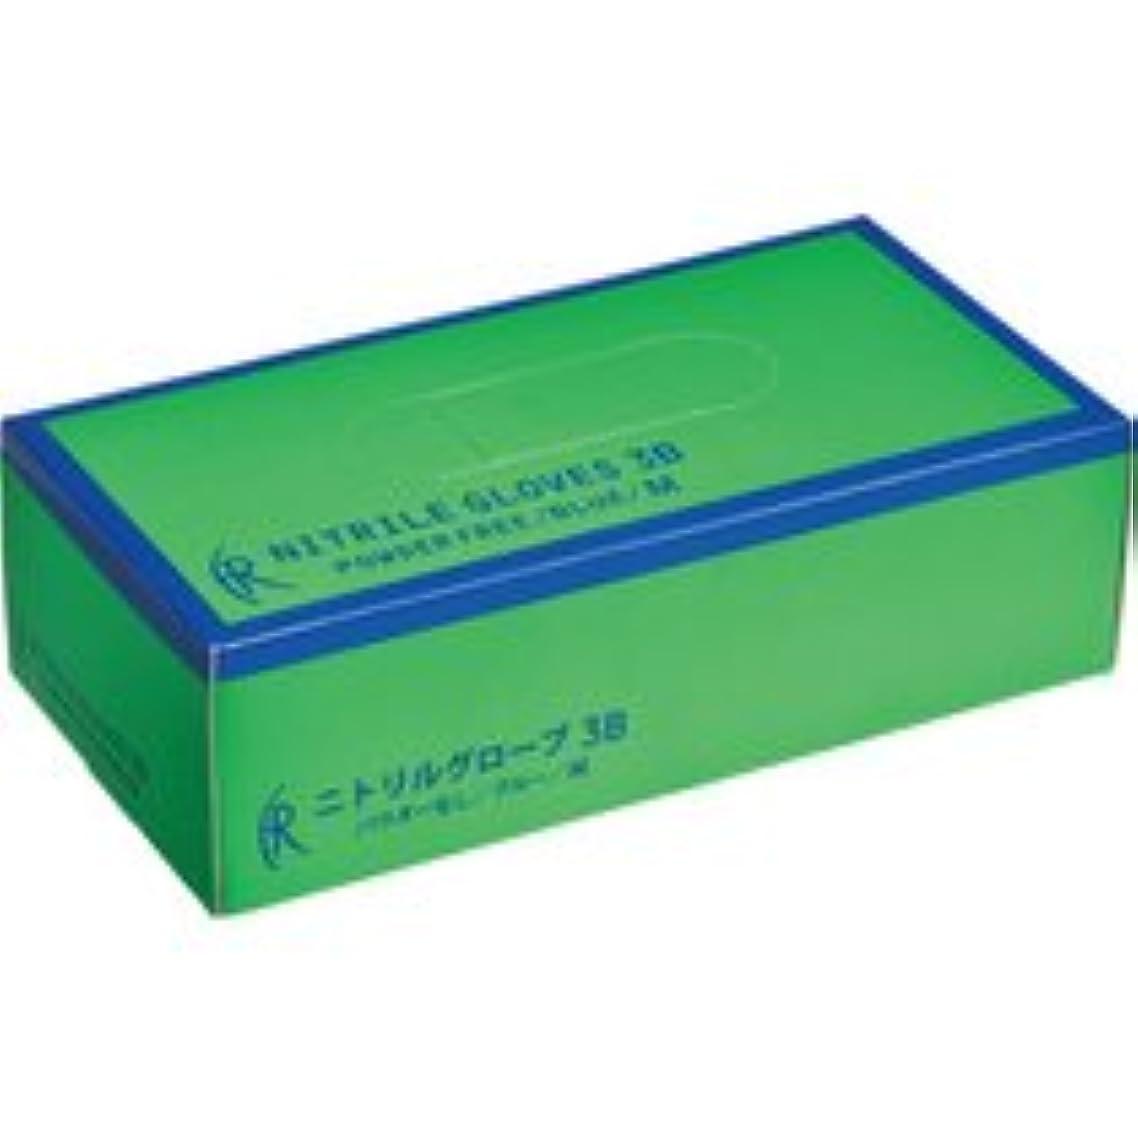 ファーストレイト ニトリルグローブ3B パウダーフリー M FR-5662 1セット(2000枚:200枚×10箱)